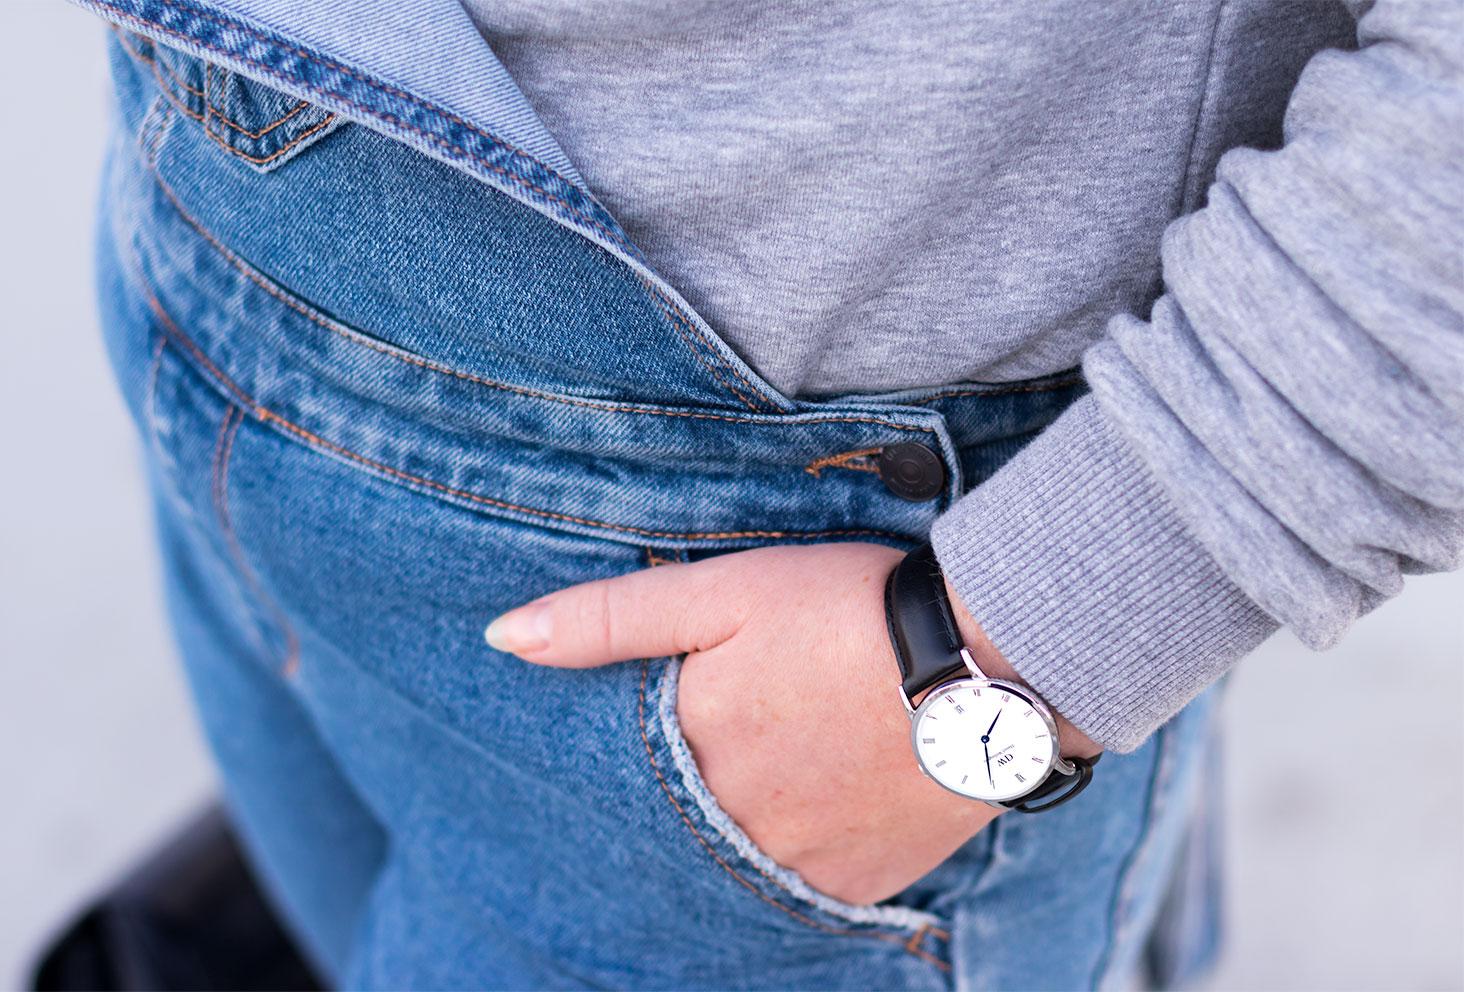 La montre Dapper Shefield de Daniel Wellington portée une main dans la poche d'une salopette en jean